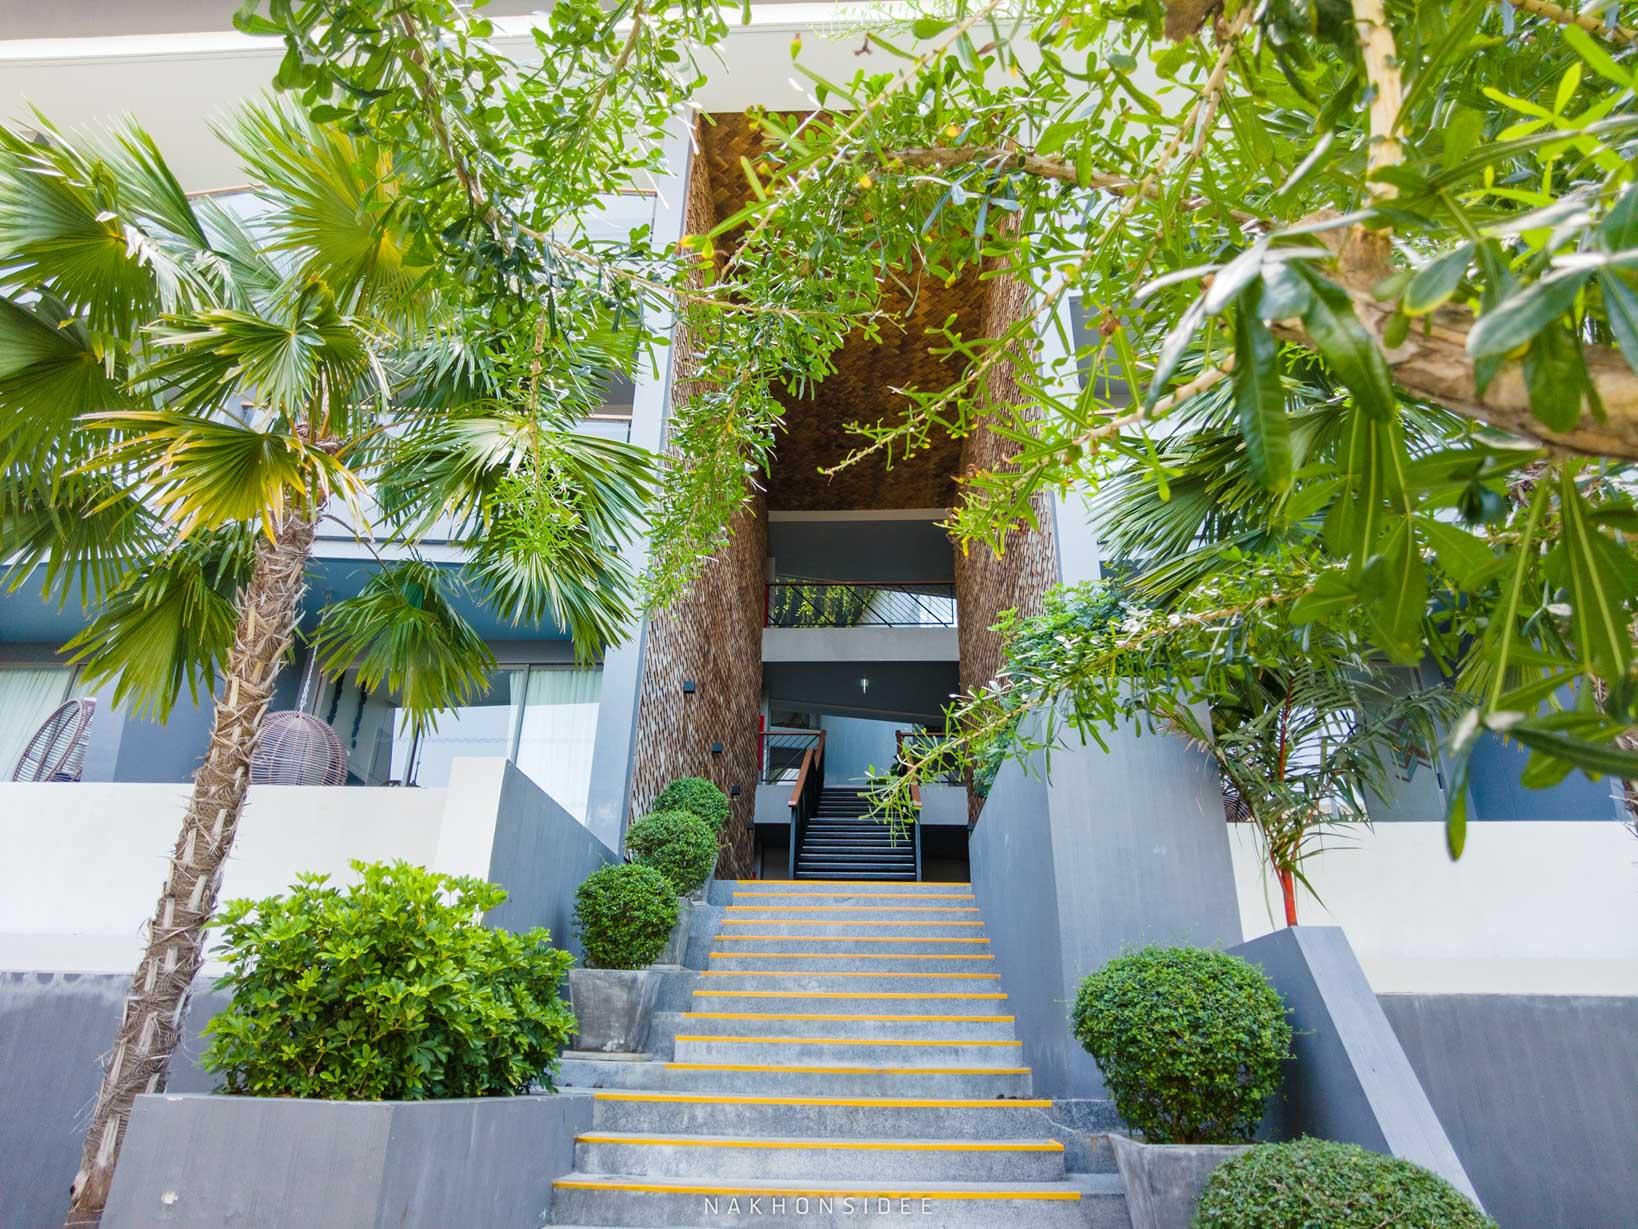 แอดเดินเล่นทั่วโรงแรมเลย-ชอบบบ  thesis,kata,ที่พักภูเก็ต,phuket,หาดกะตะ,เดอะซิสภูเก็ต